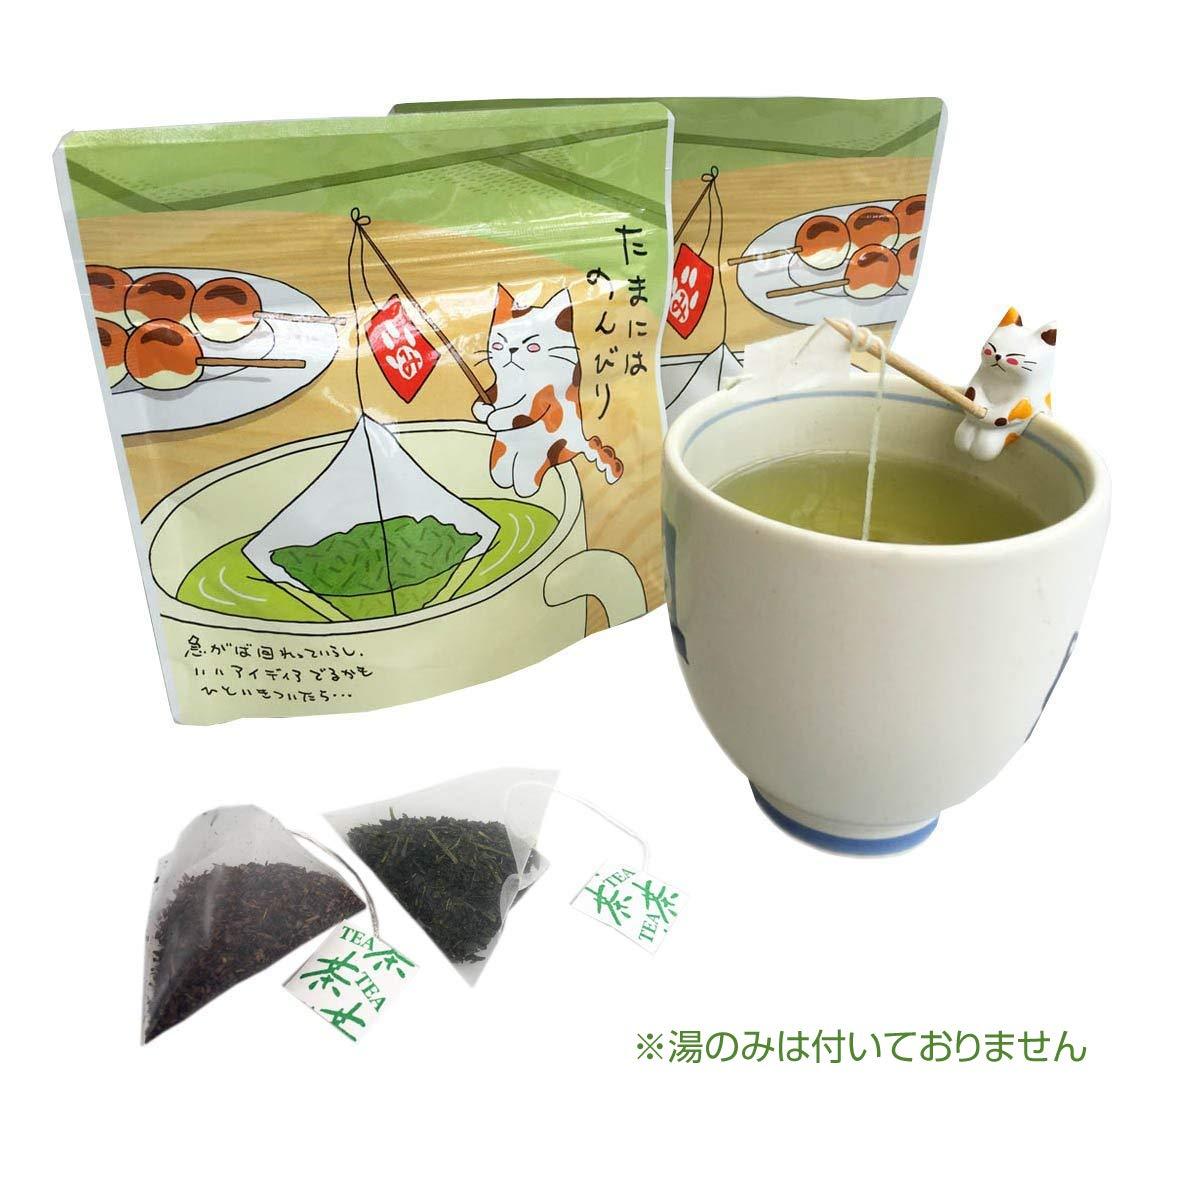 温かいお茶を飲んで空腹感を落ち着かせよう